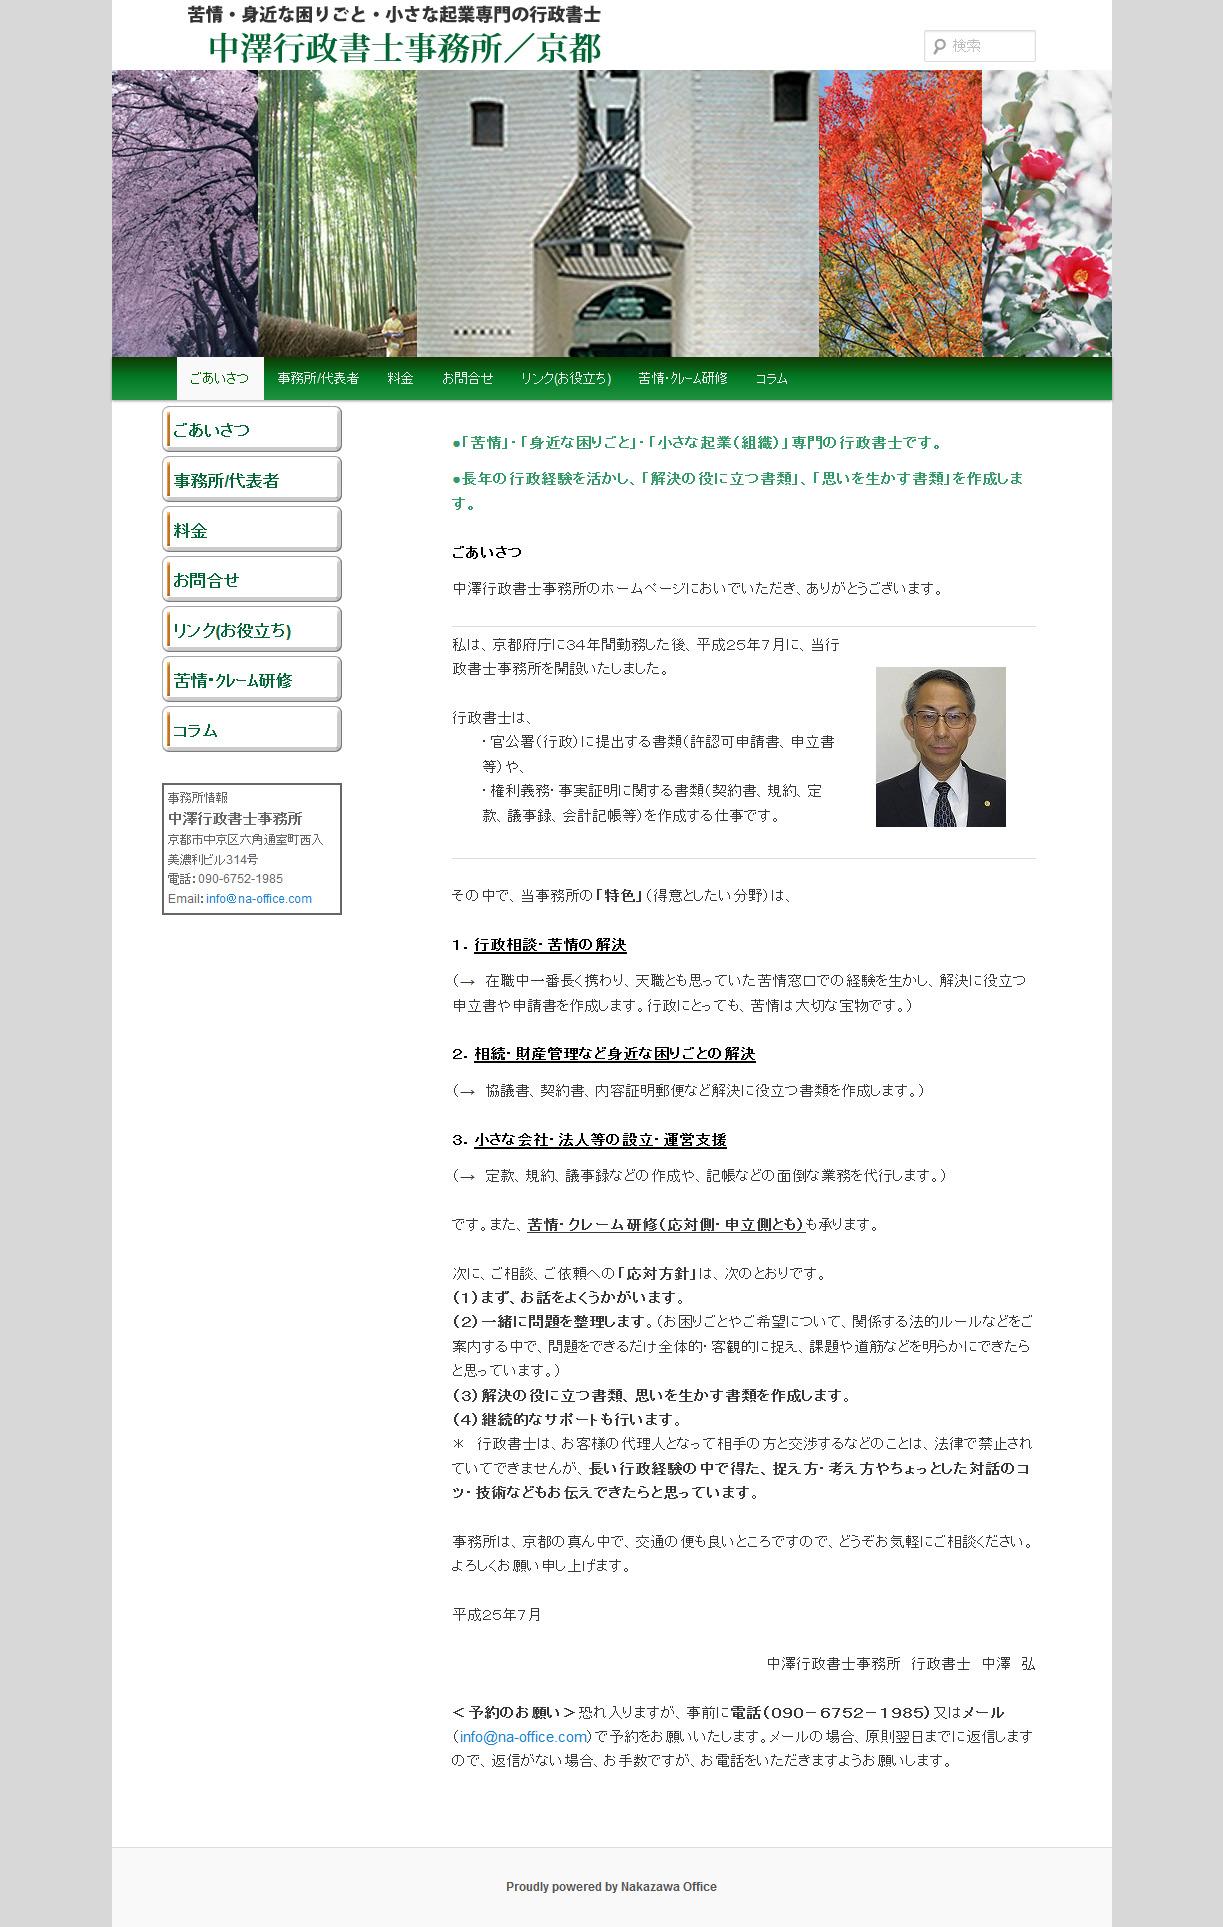 中澤行政書士事務所